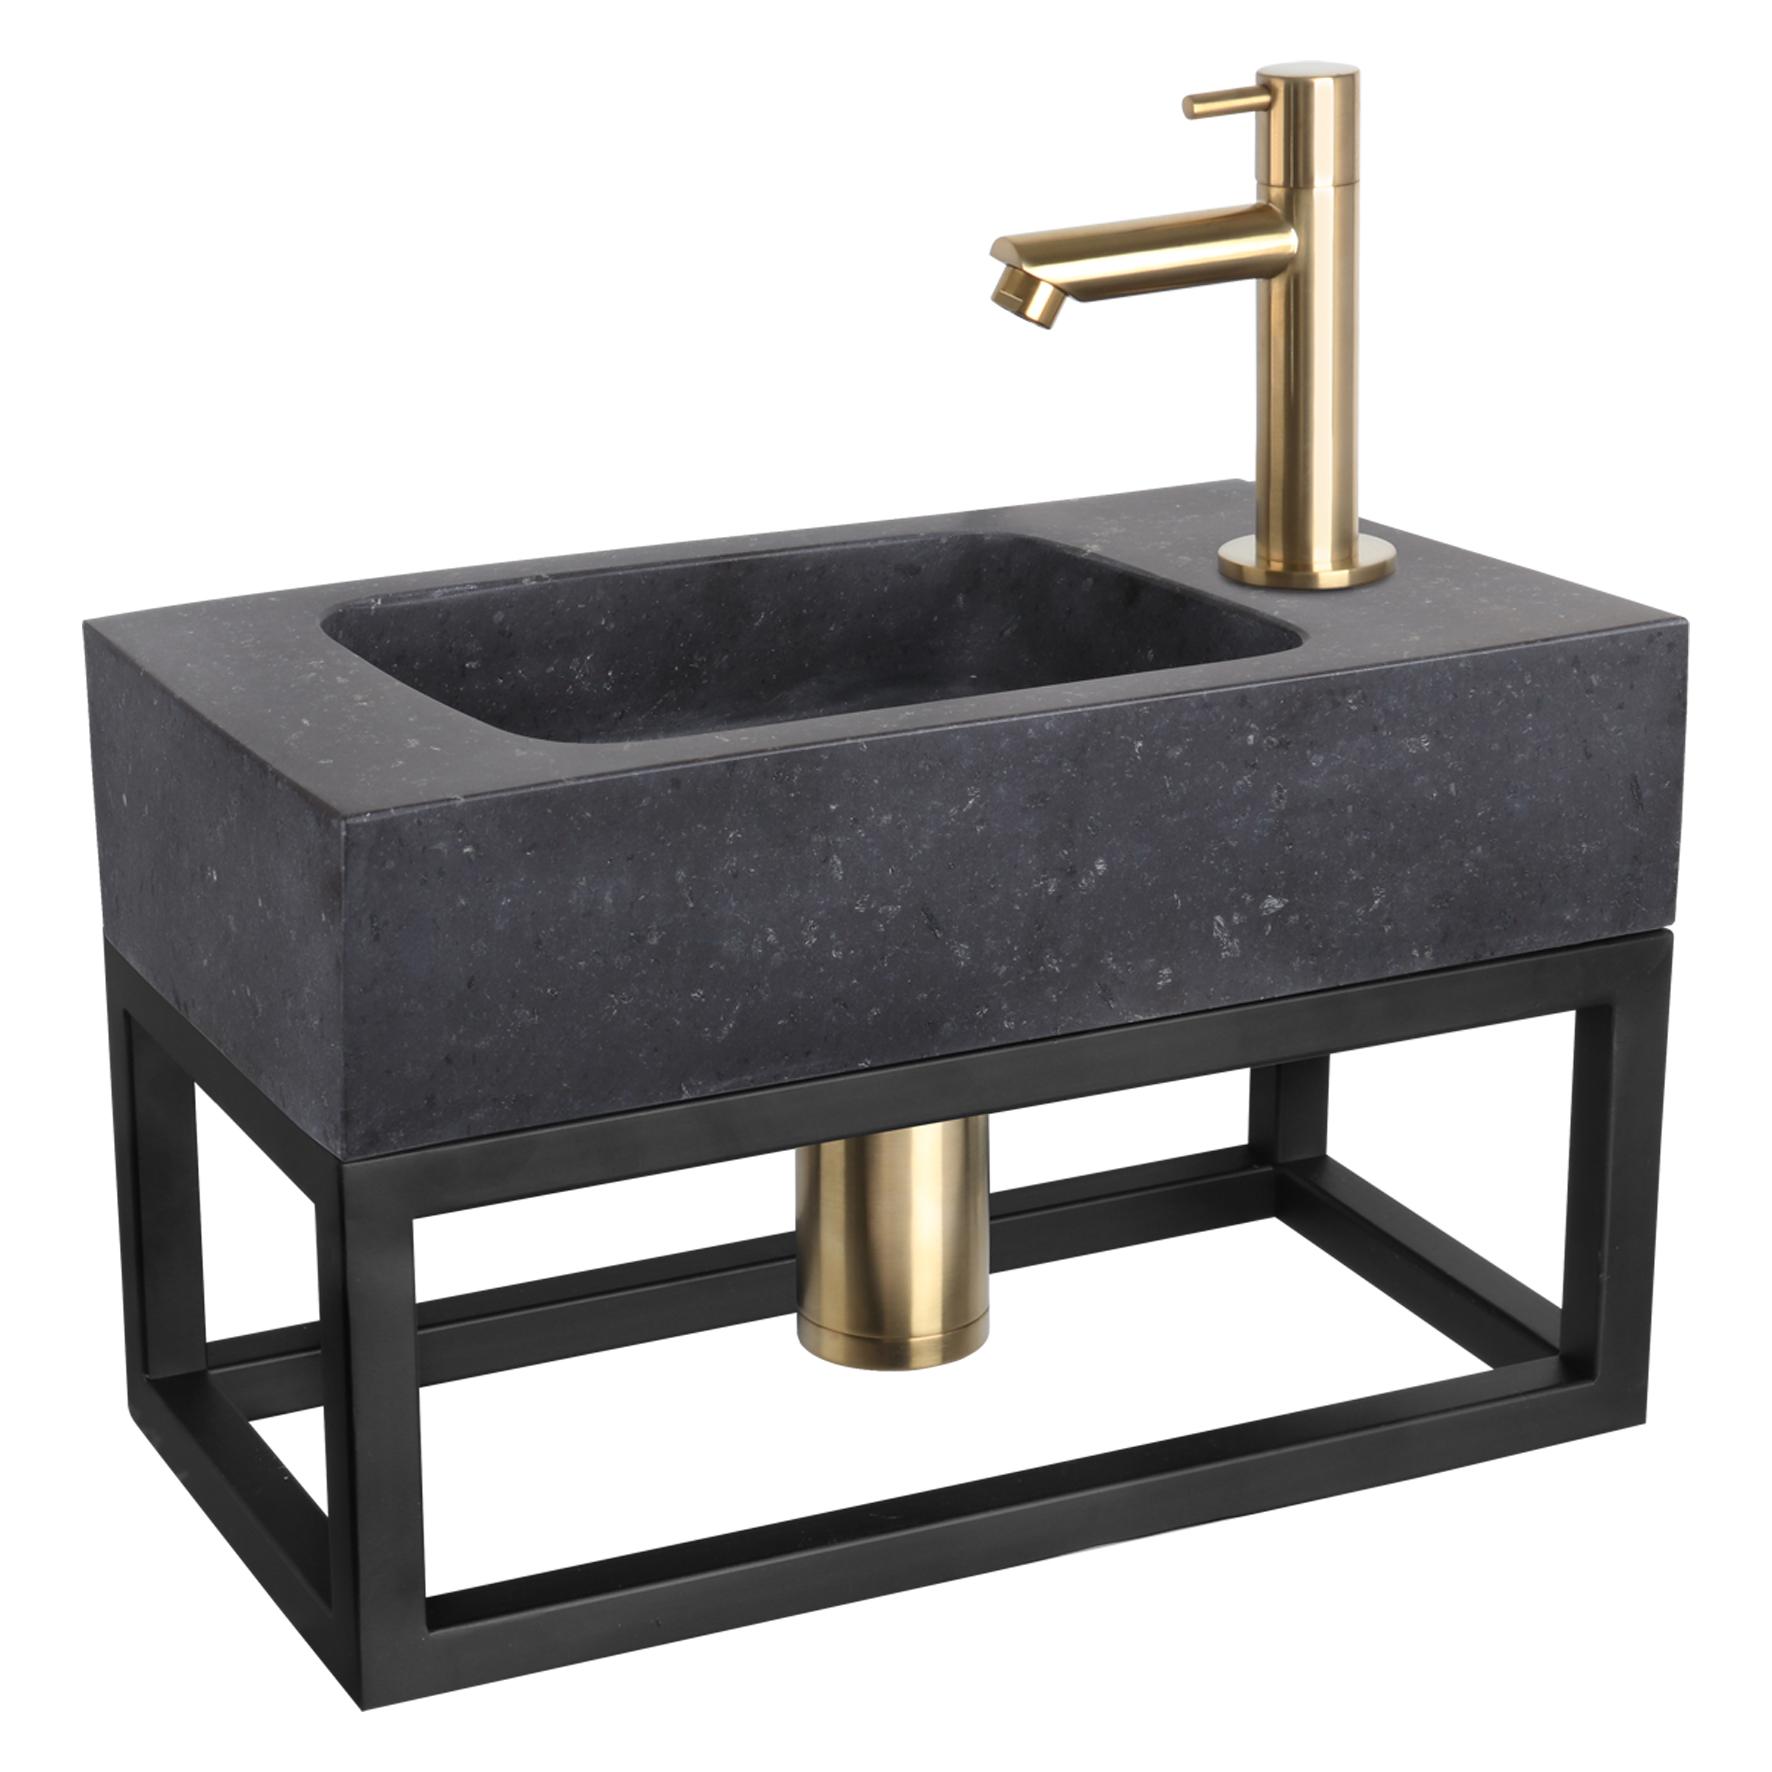 Fonteinset Bombai black - Natuursteen - Kraan recht mat goud - Met handdoekrek